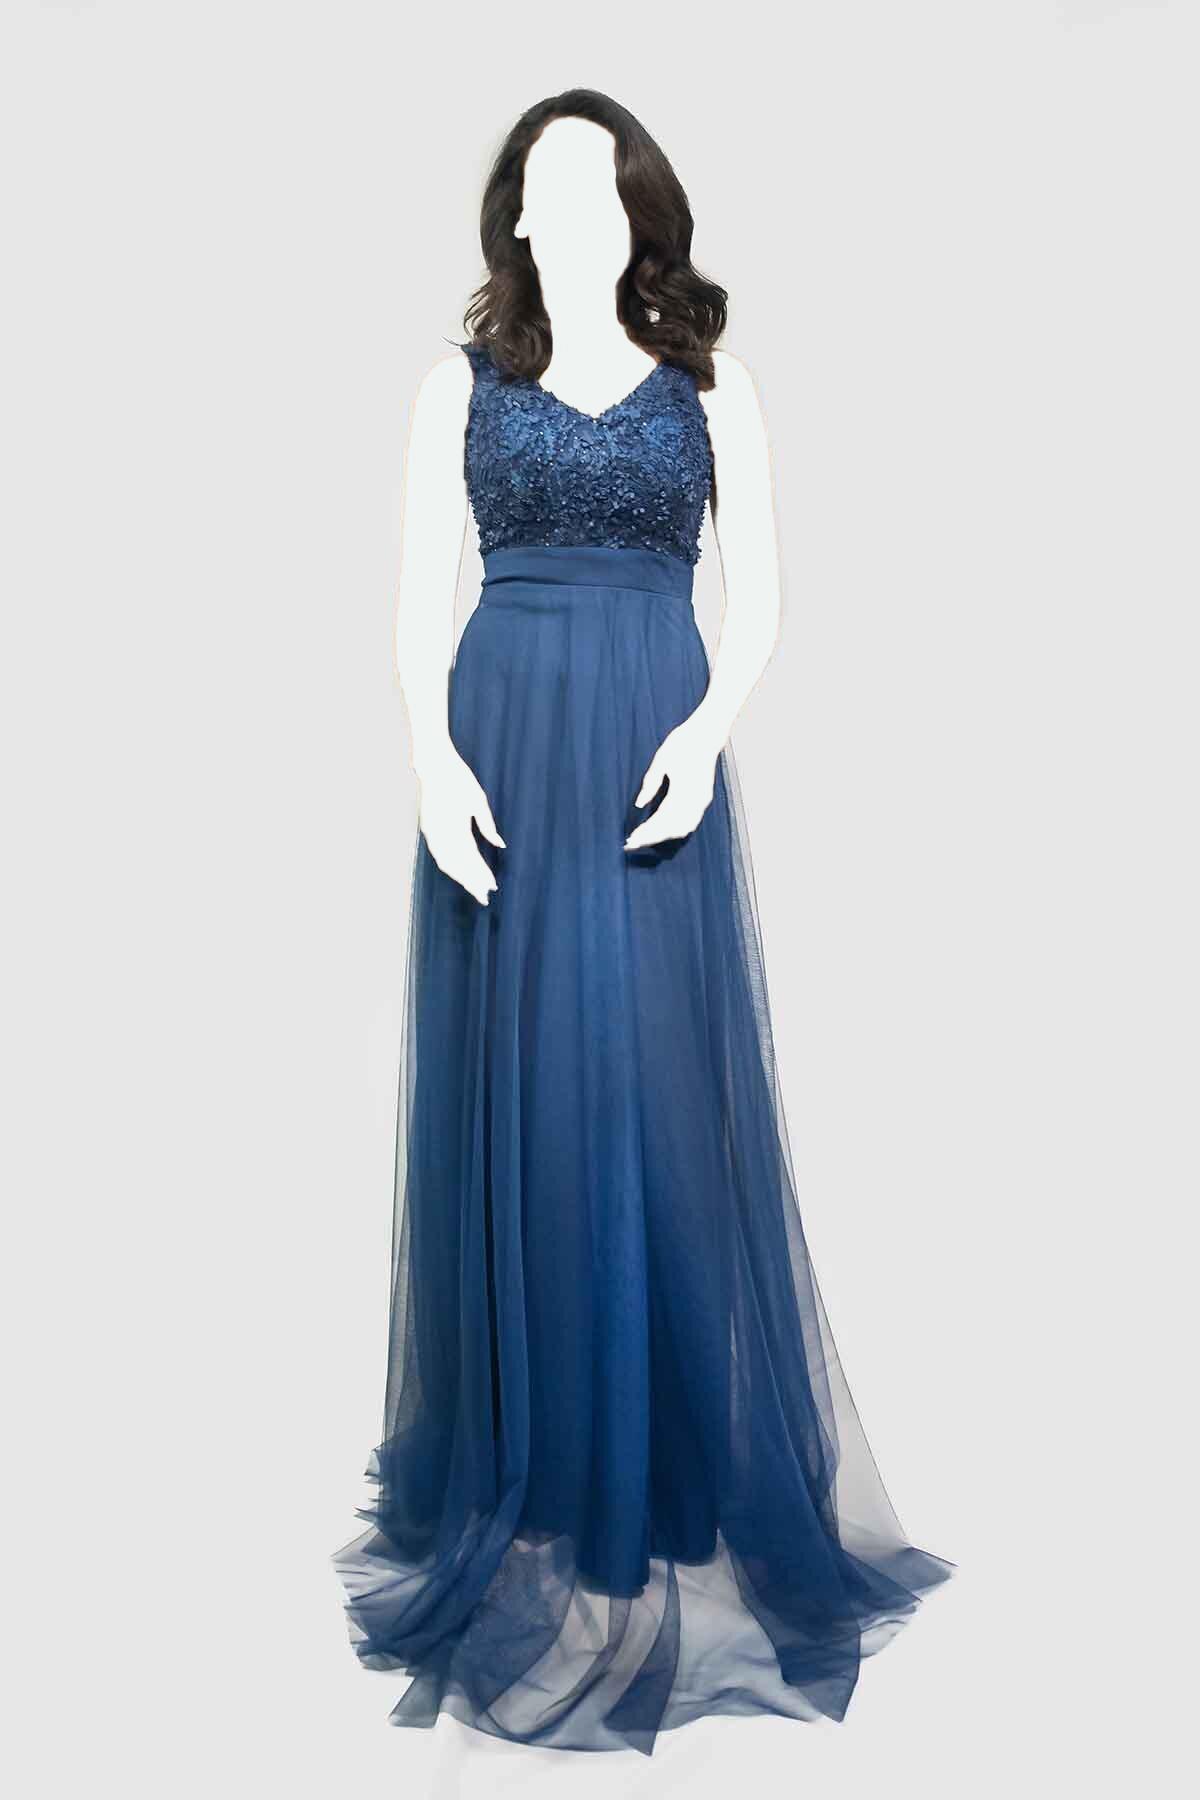 لباس مجلسی زنانه مارک دار برند LOVE IS EVERYWHERE رنگ لاجوردی کد ty36557877